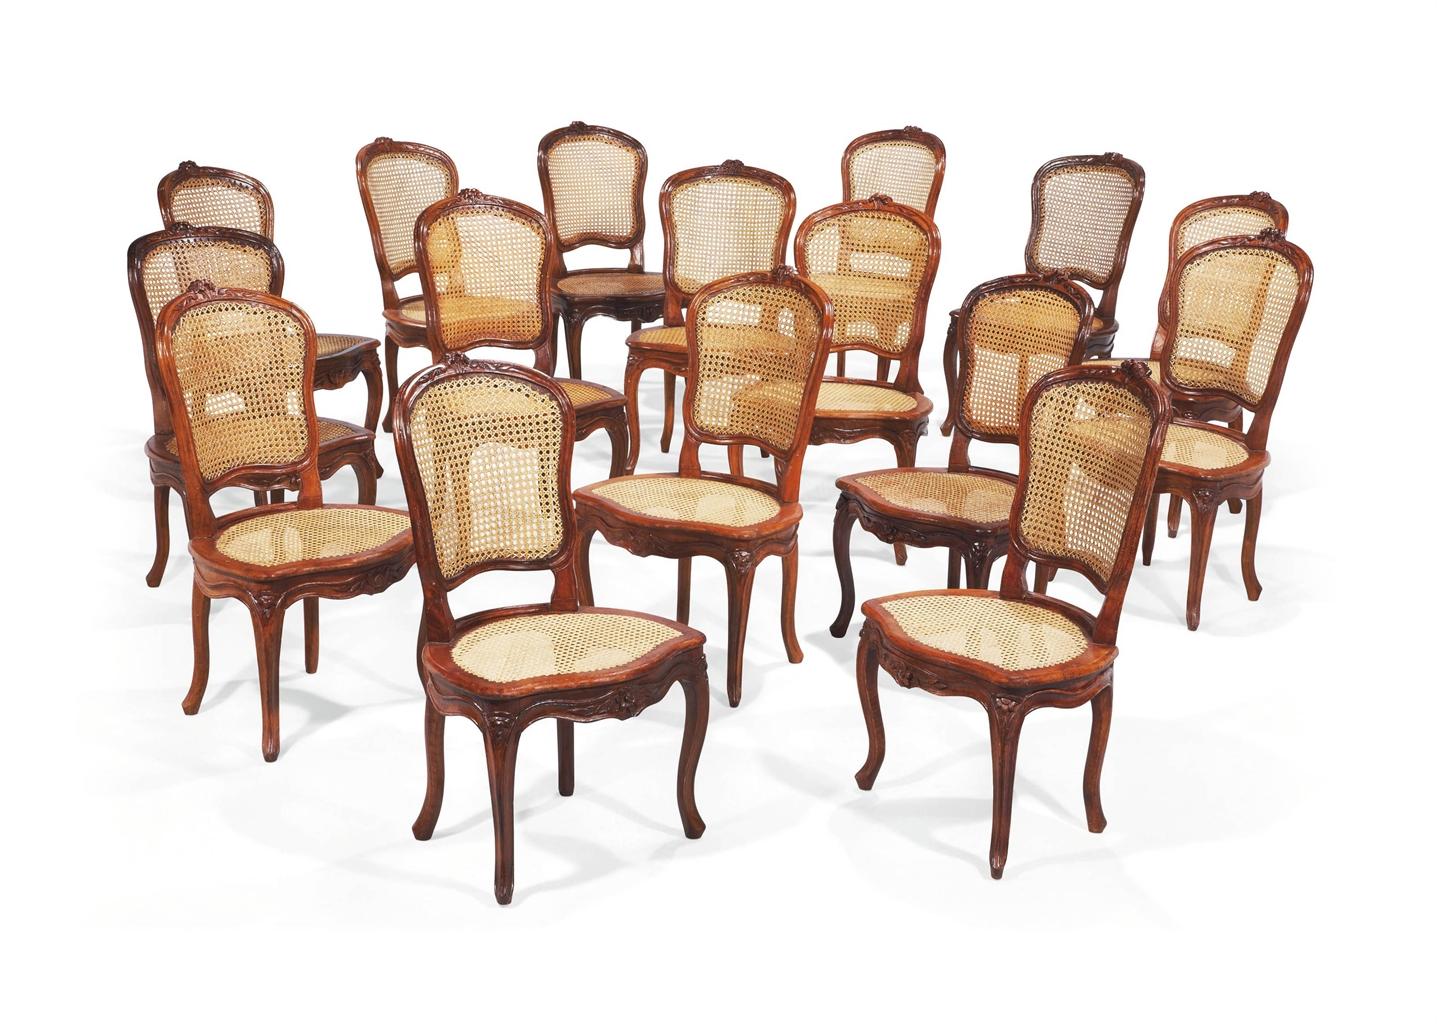 Suite de seize chaises de salle a manger en partie d for Salle a manger louis xiii